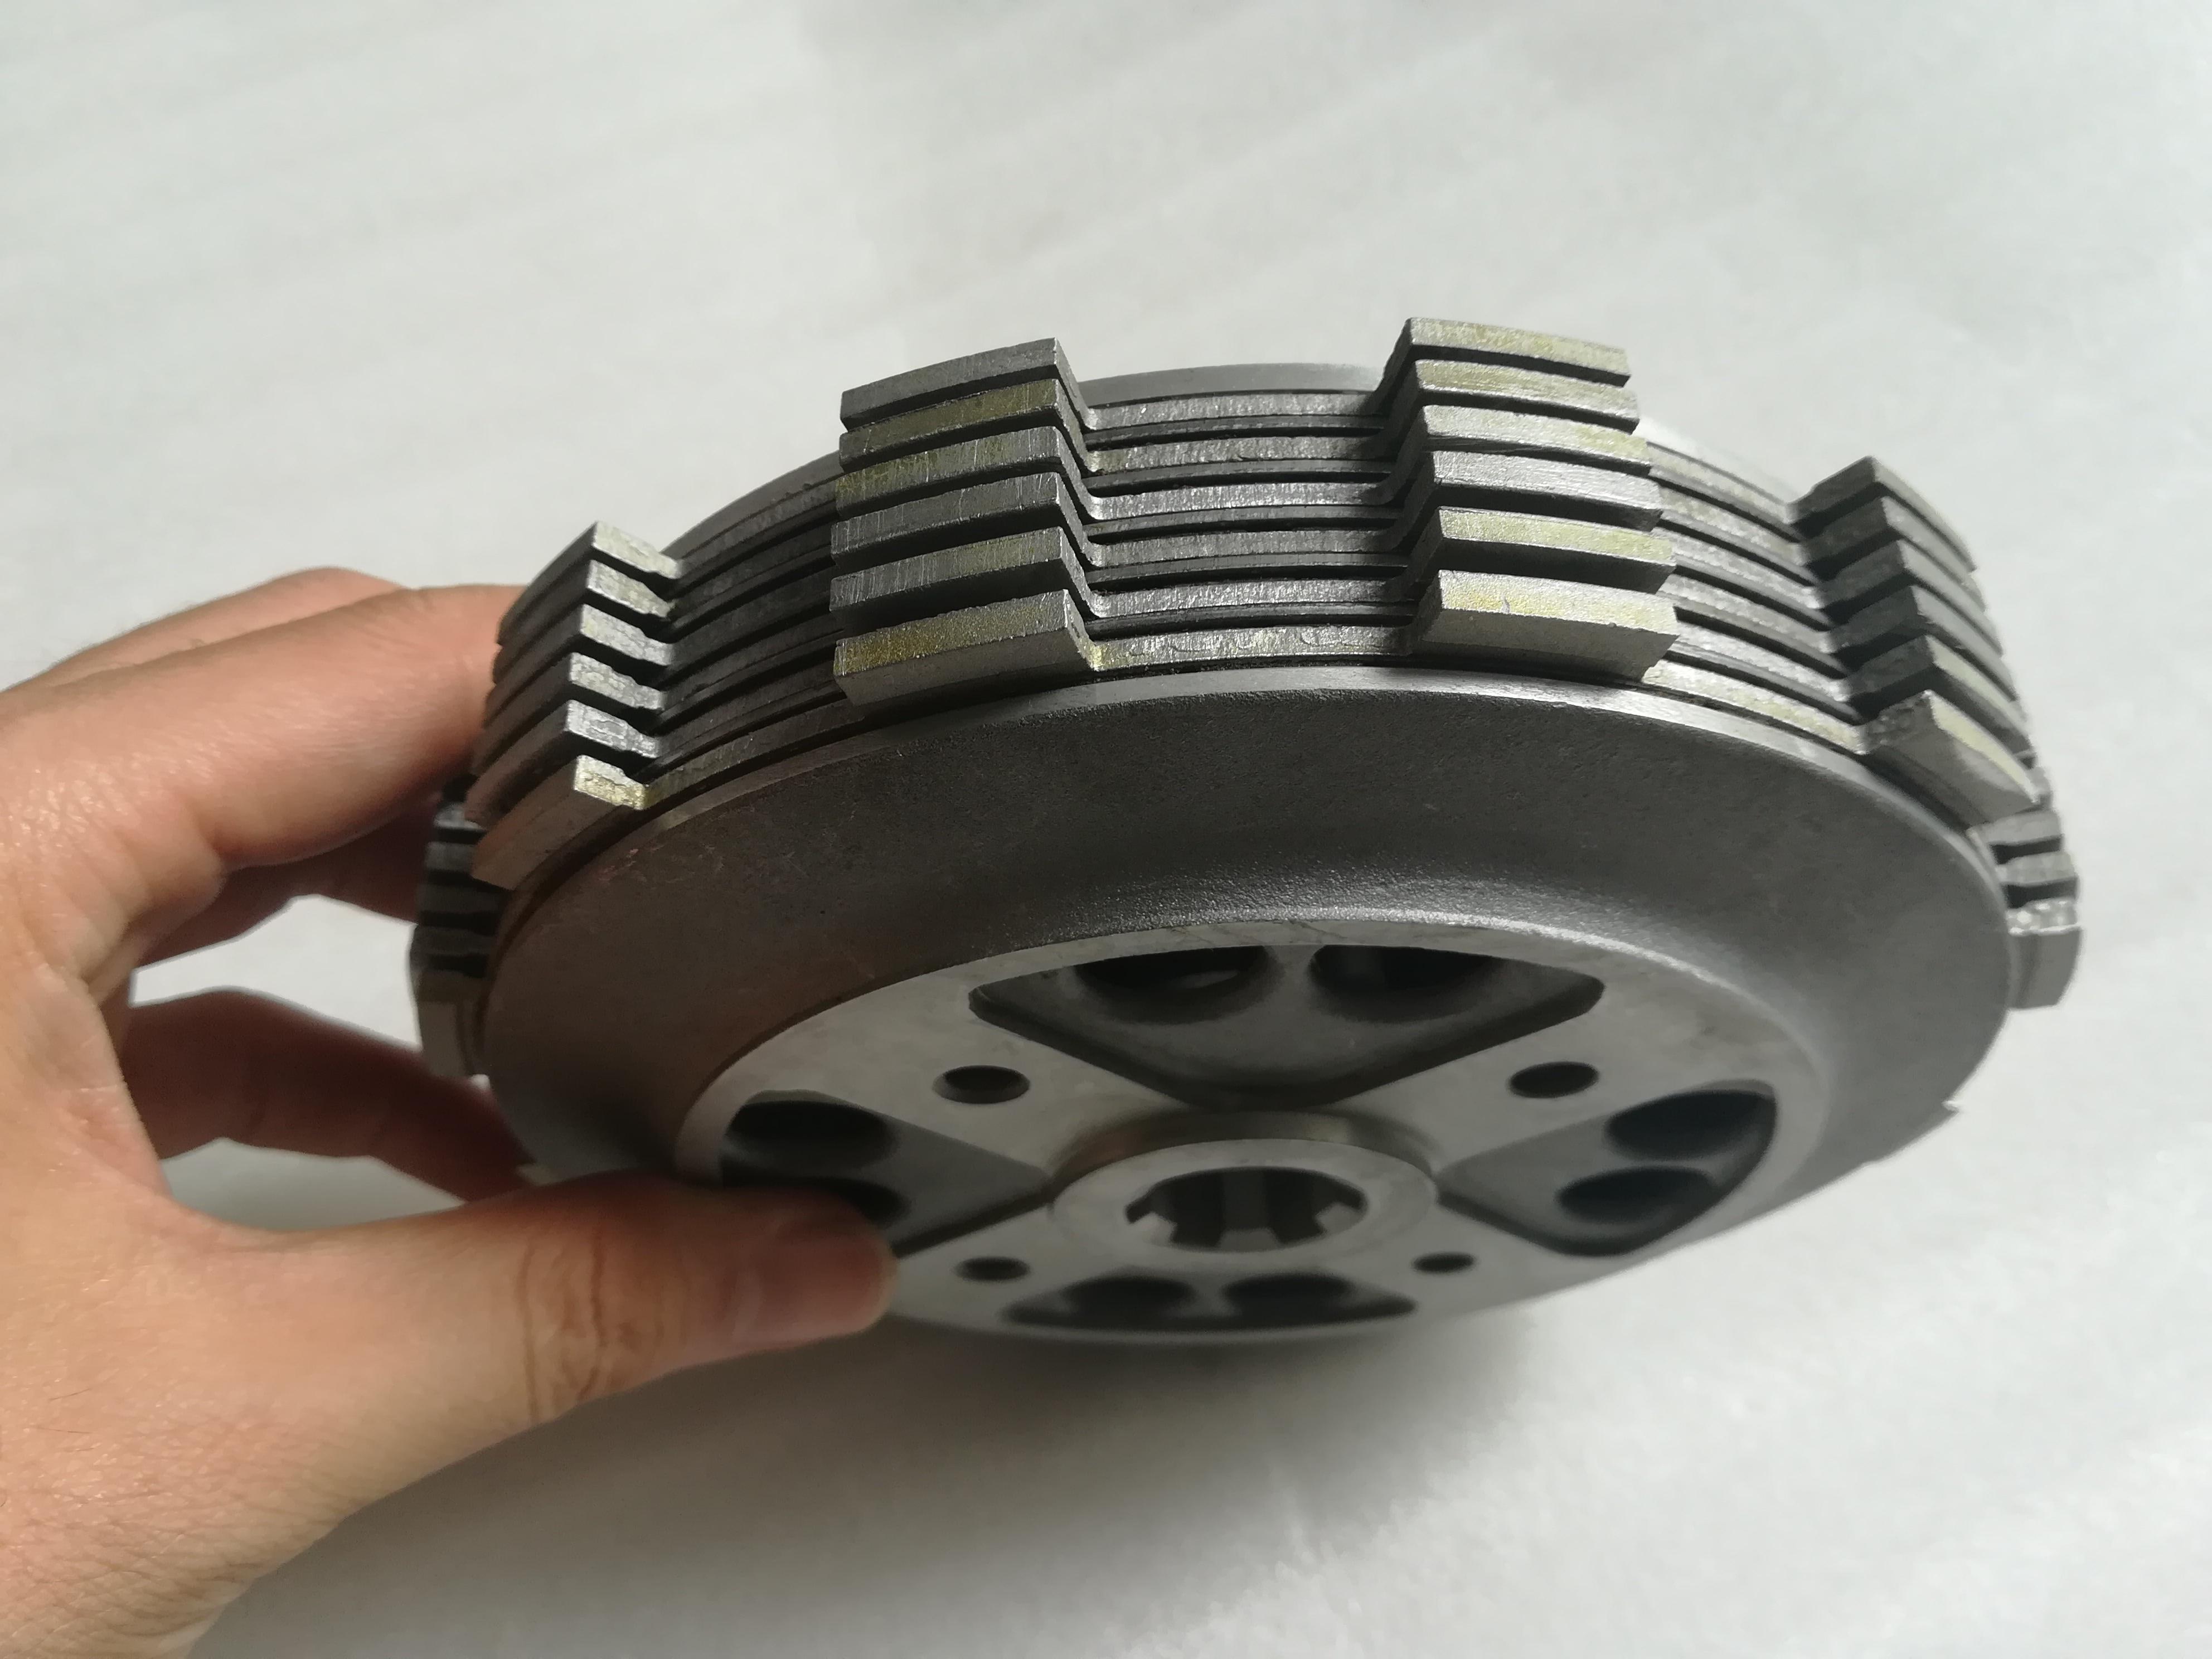 Embrague de alta calidad pequeño-tambor ensamblado embrague GN300 embrague para Suzuki GN250 actualización a GN300 (diámetro 78mm)